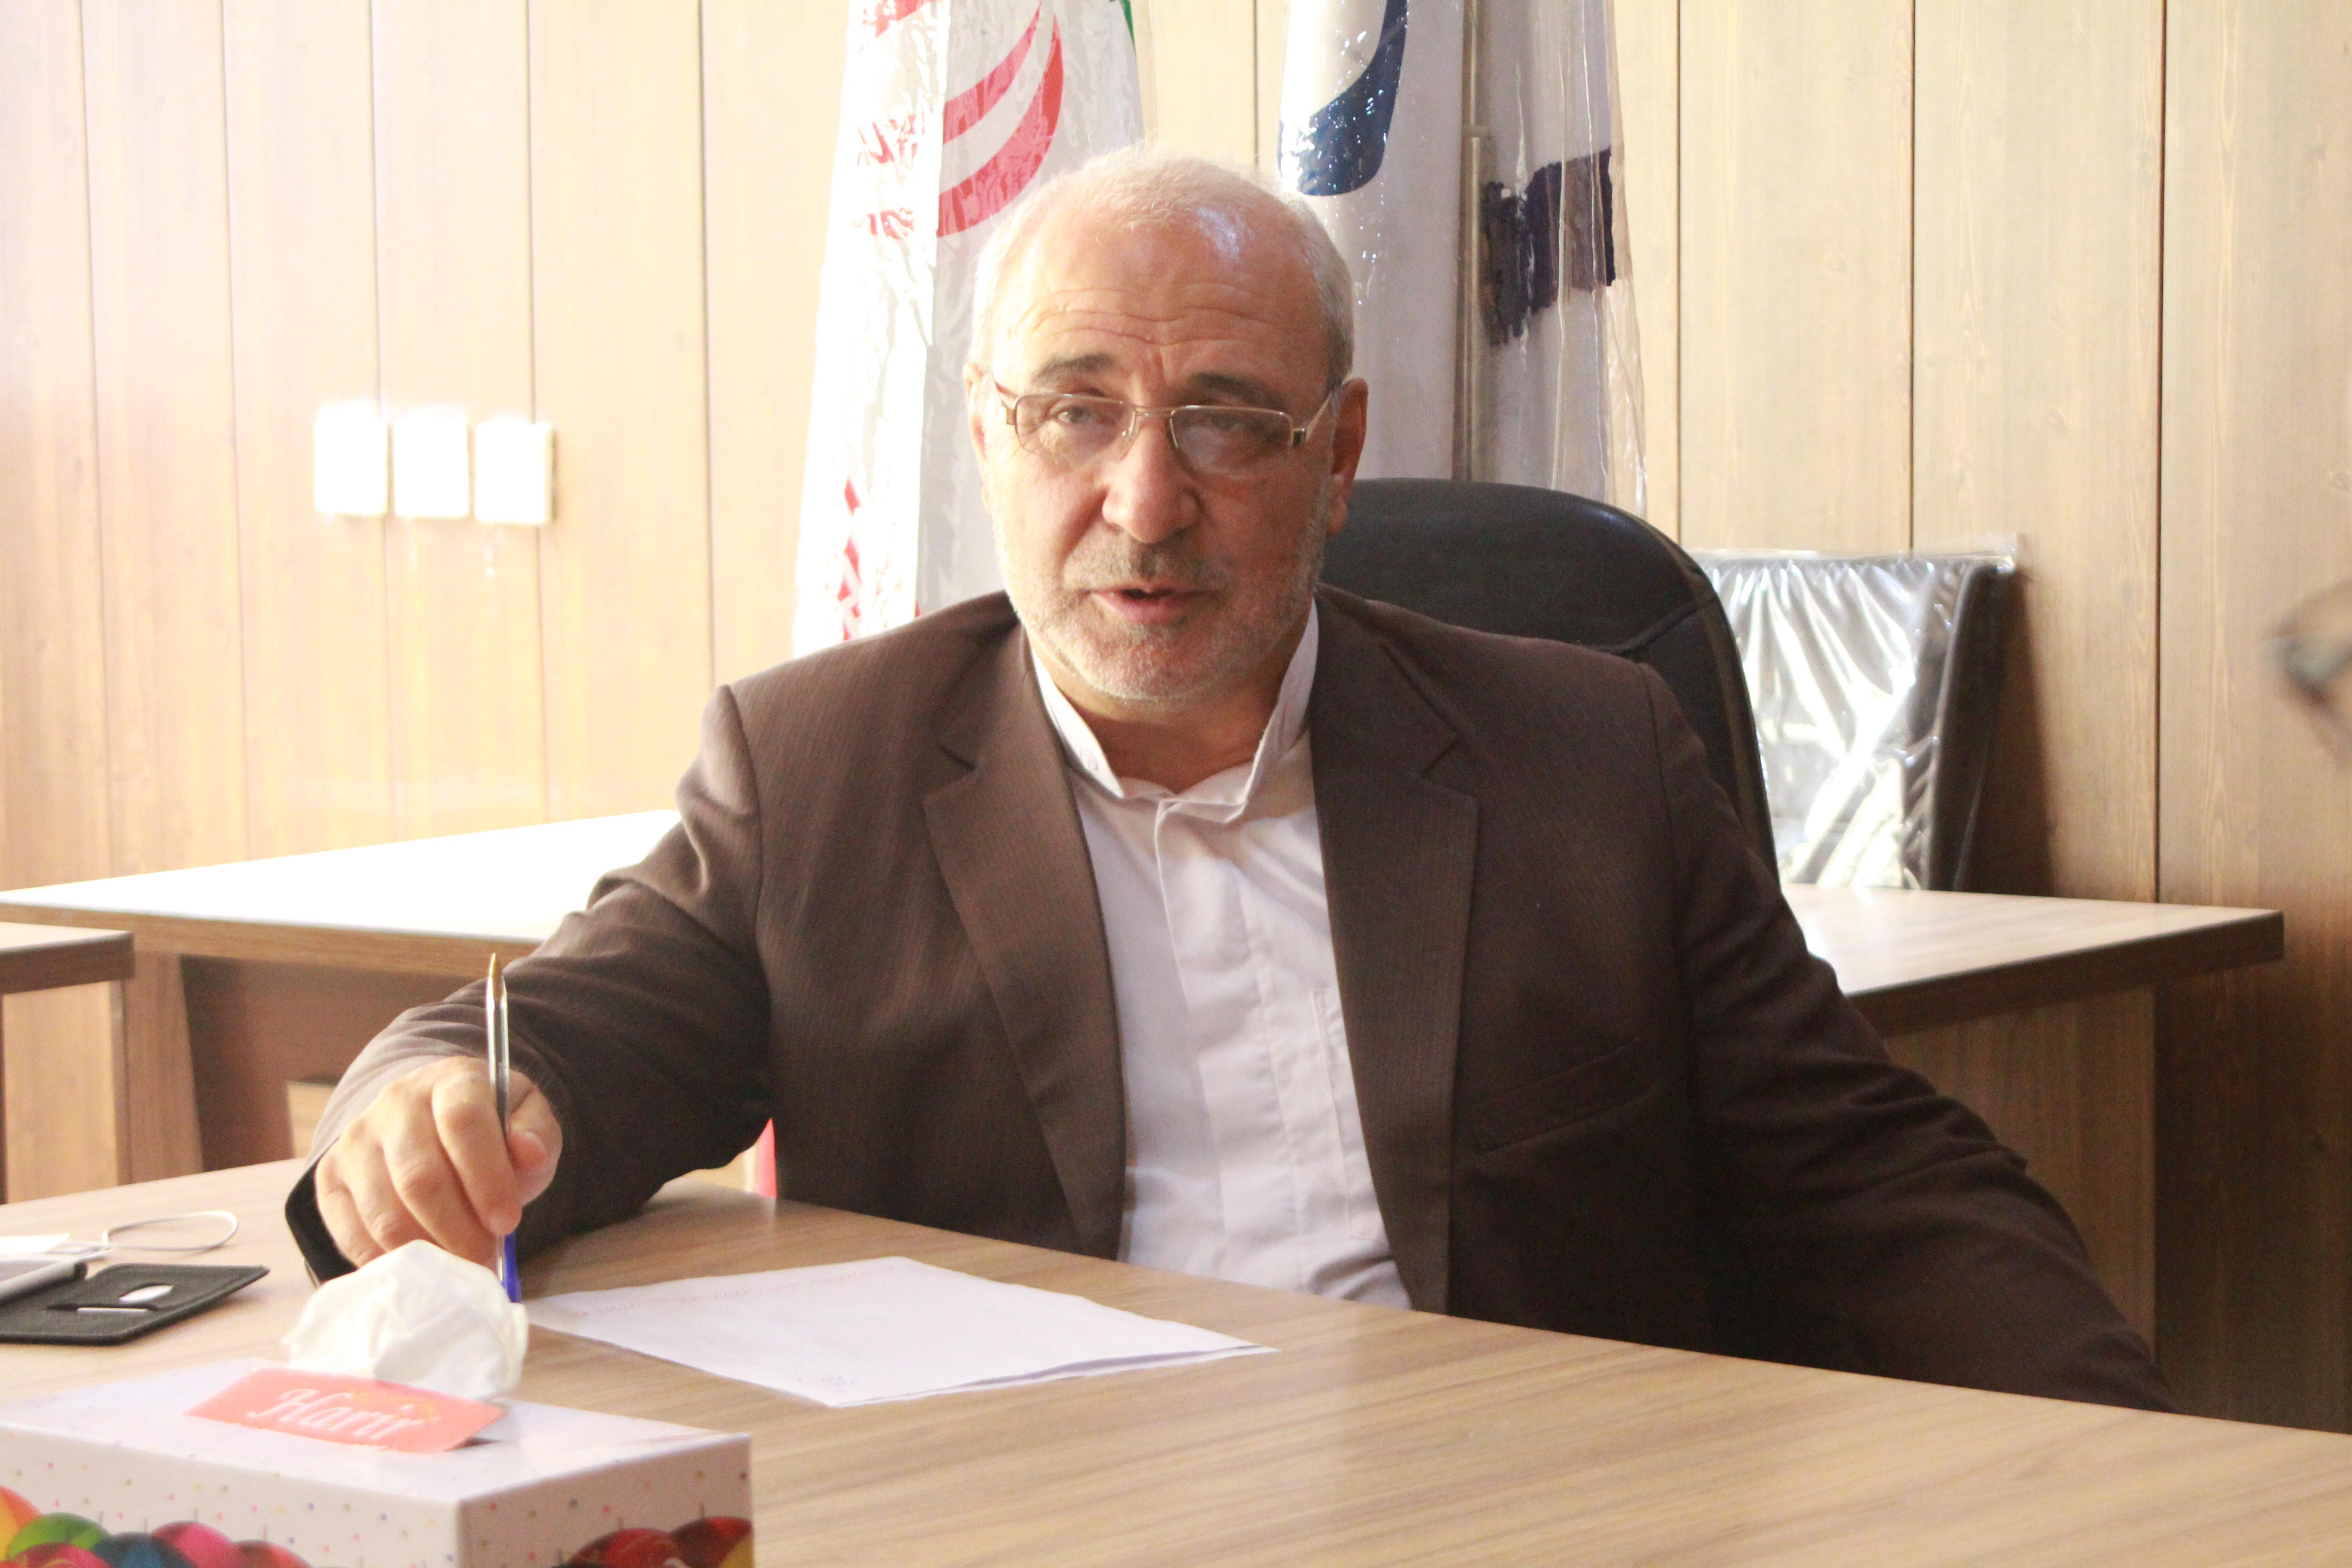 تصویب کلیات طرح اختصاص ۳۲۰۰ میلیارد تومانی به شهرداری ها در کمیسیون برنامه و بودجه مجلس